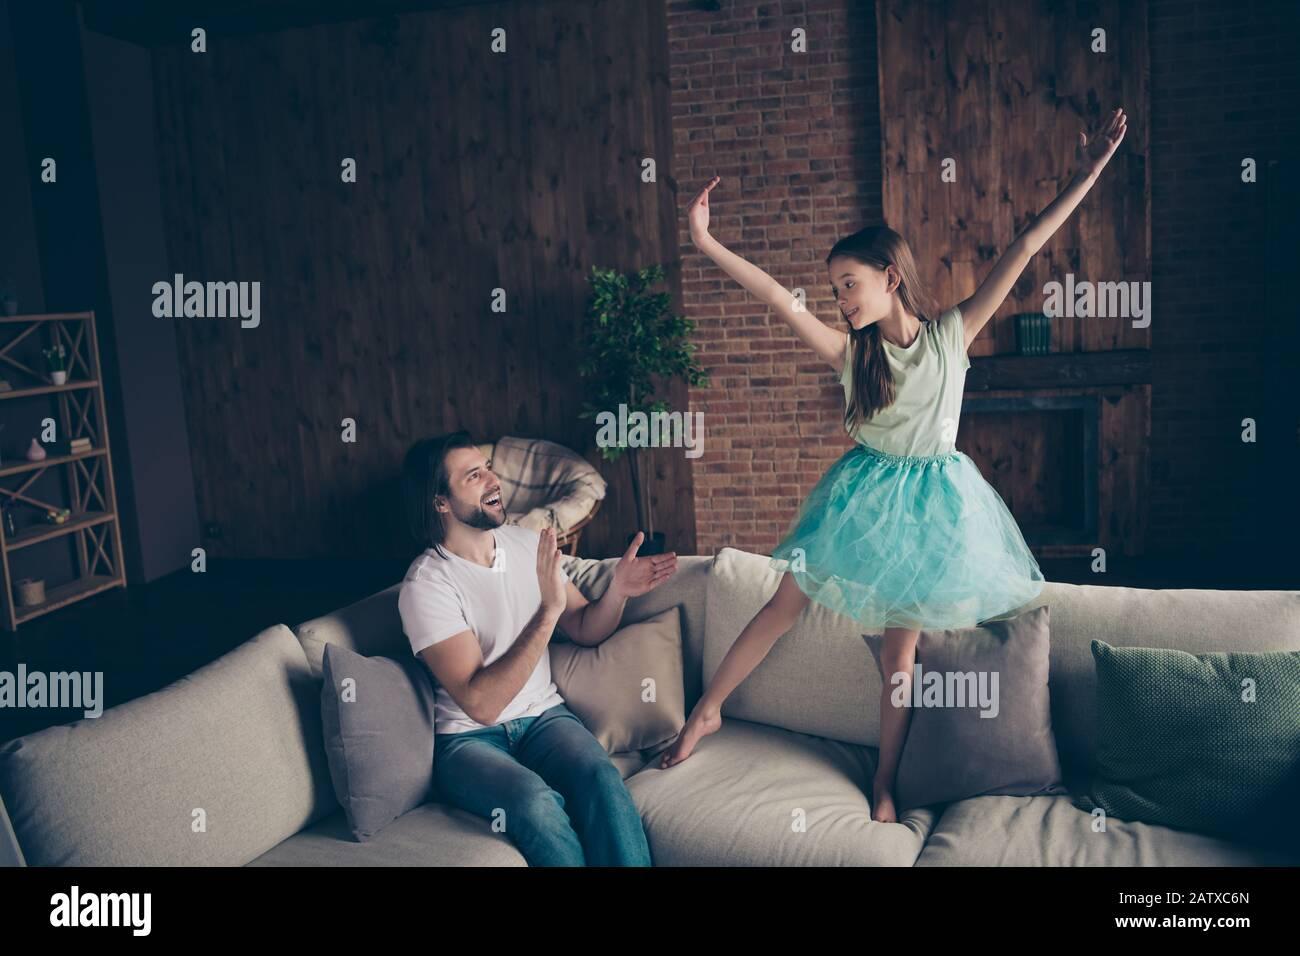 Foto de la pequeña dama encantadora muy enérgica guapo mirando a la hija rendimiento de baile de la escuela sentado sofá aplaudiendo los brazos sala de ovación casa Foto de stock